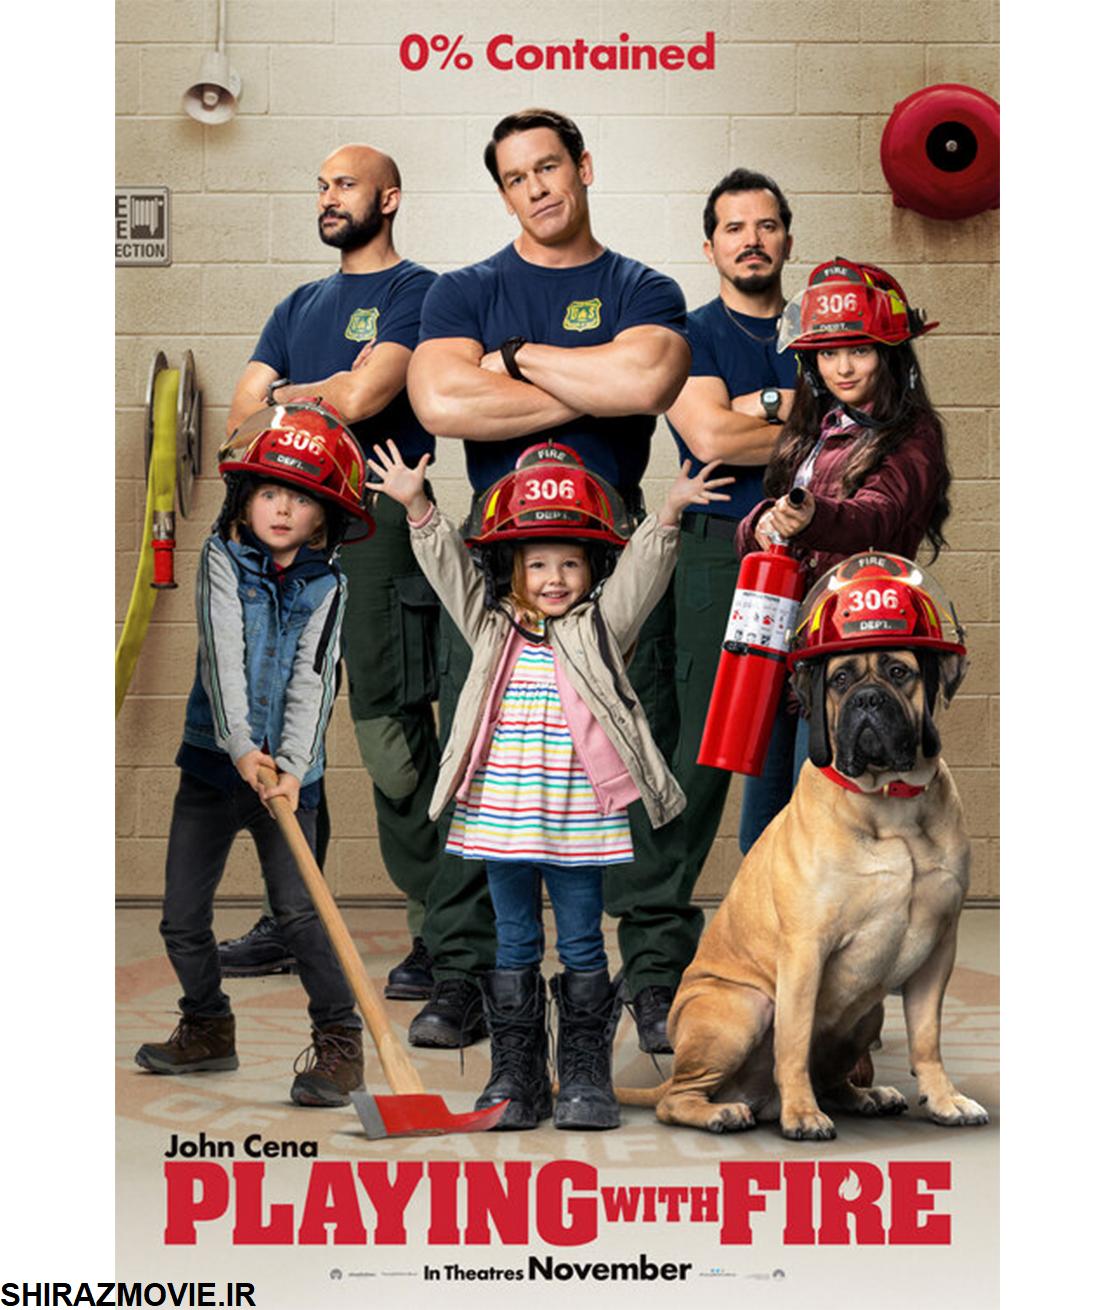 دانلود فیلم Playing with Fire 2019 بازی با آتش با زیرنویس فارسی